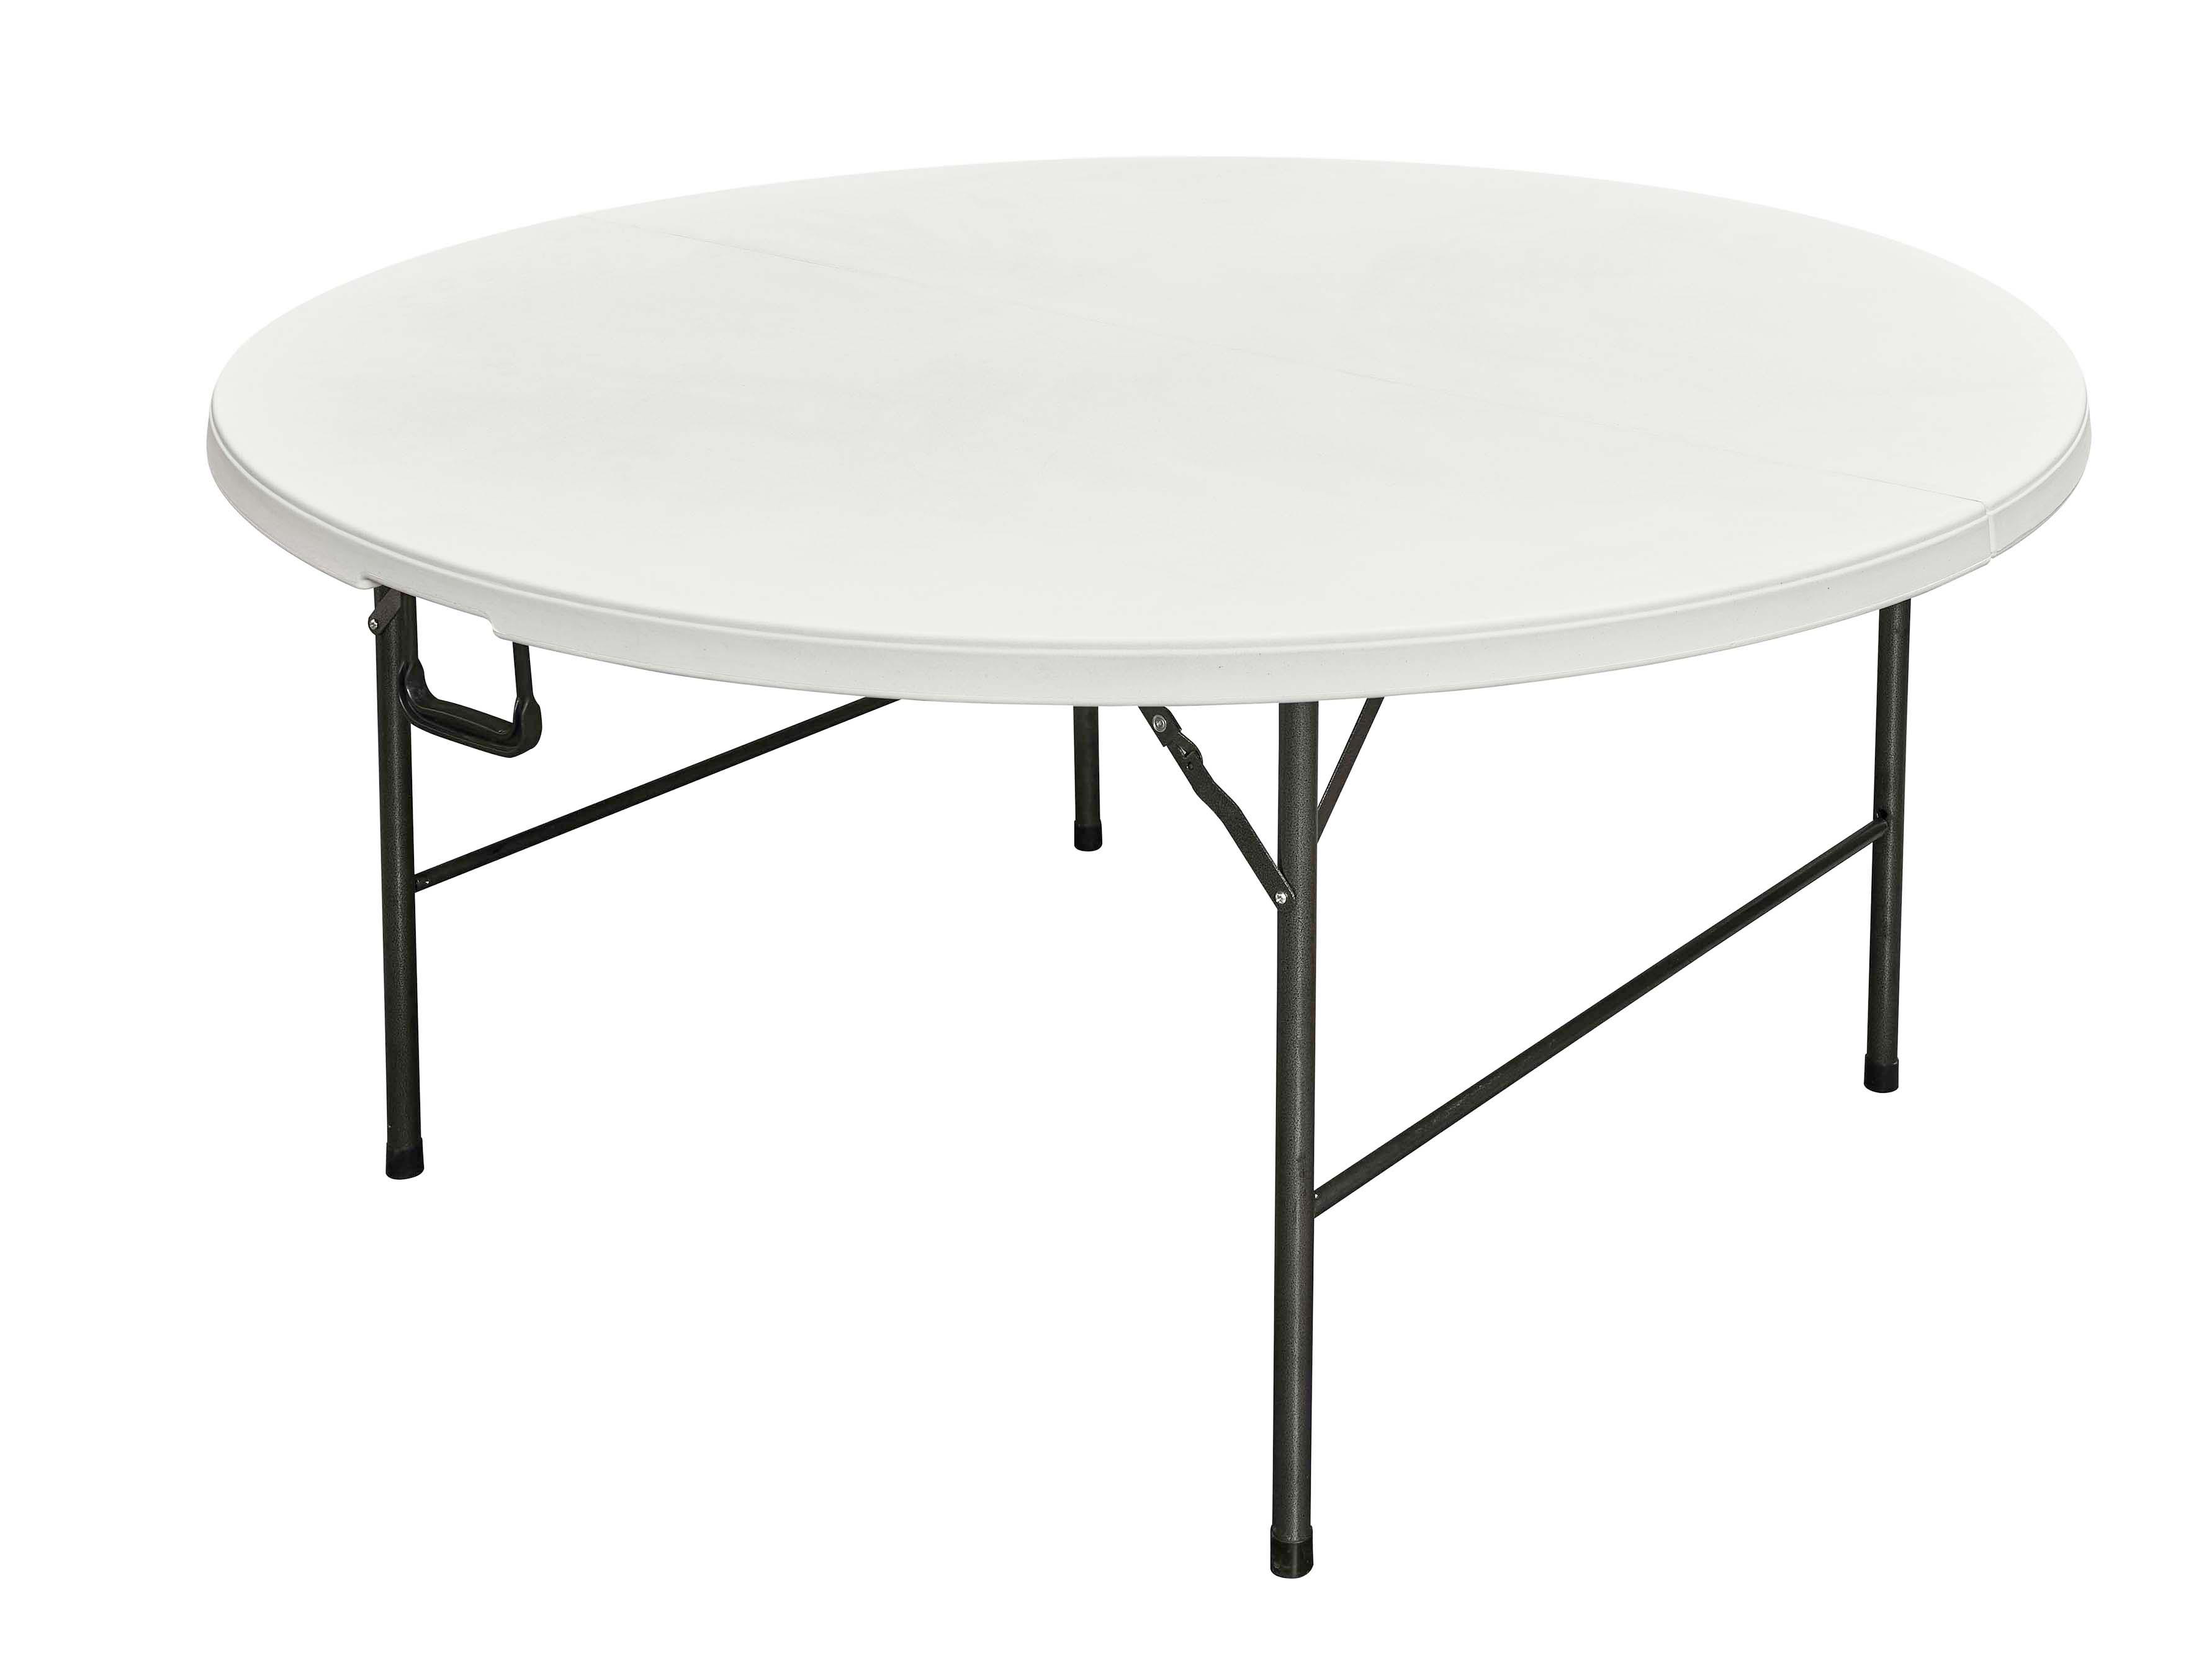 Table pliante ronde pour r ception - Table ronde pliante valise ...